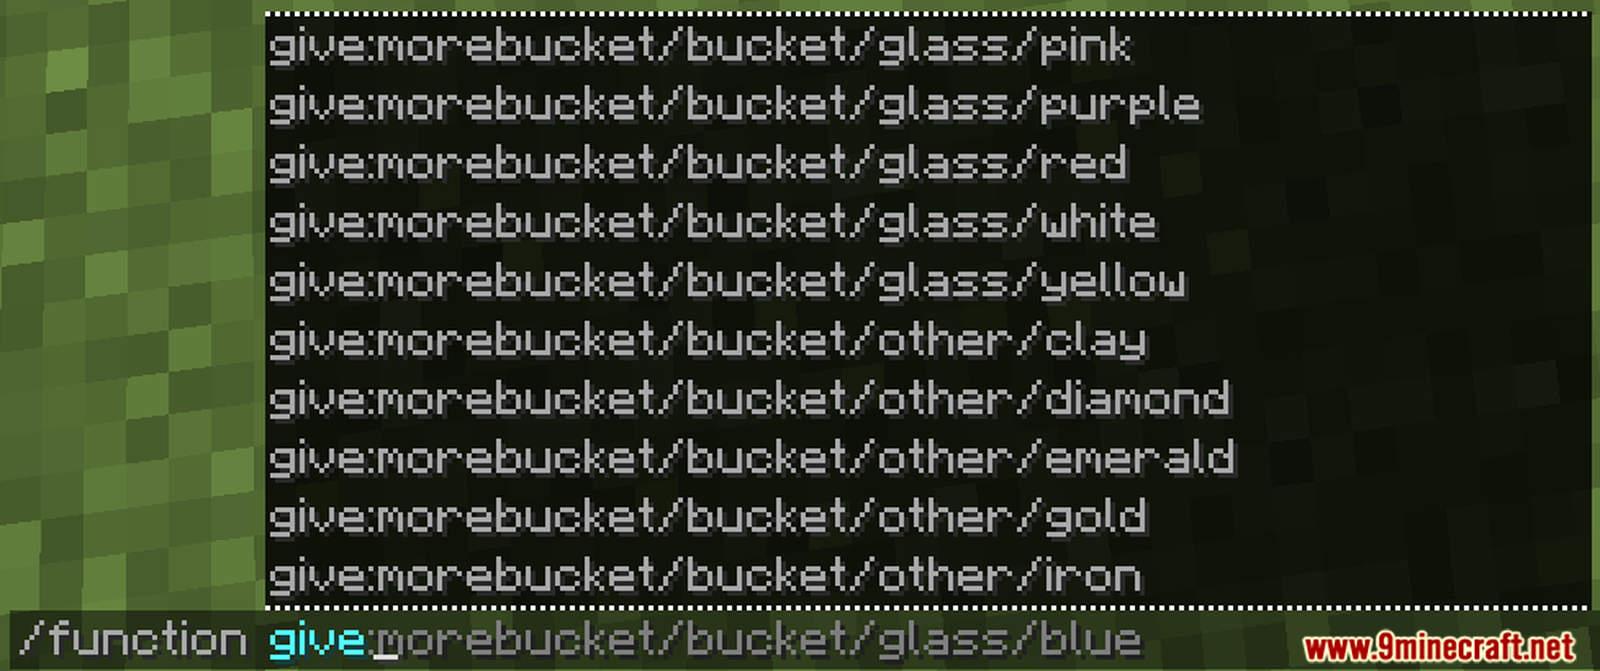 More Buckets Data Pack Screenshots (3)